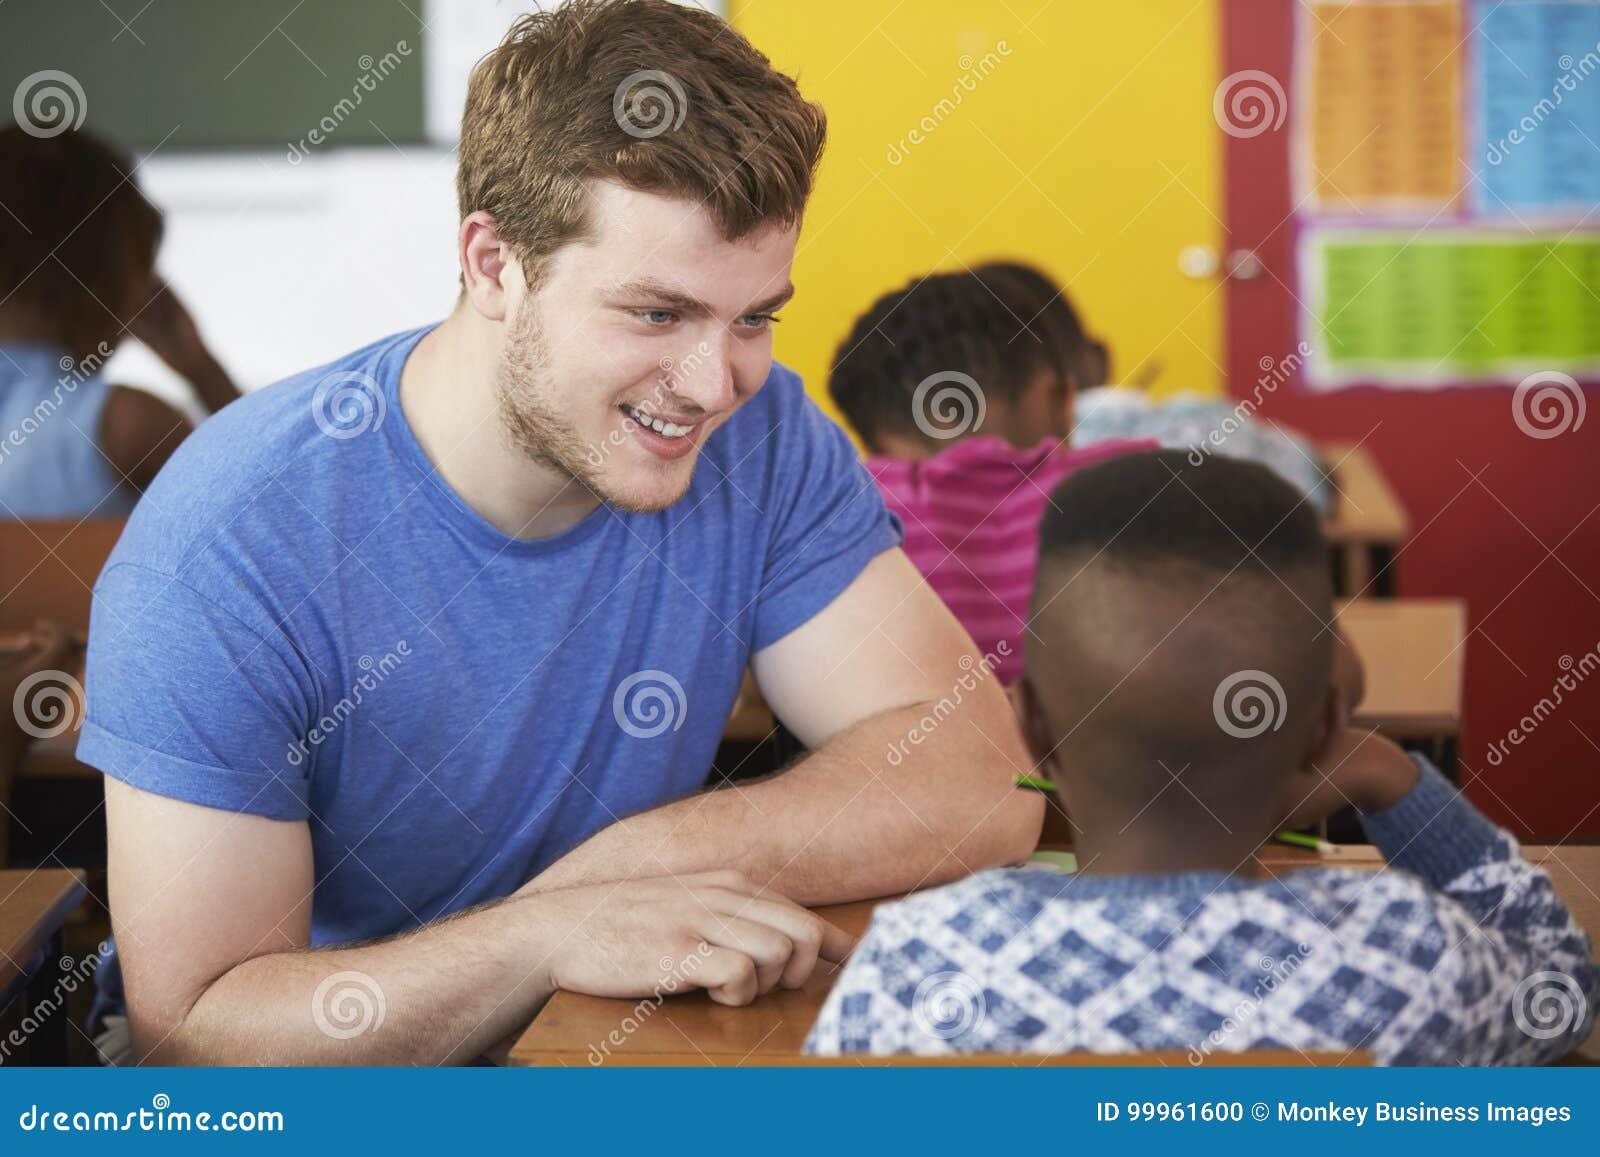 White male Volunteer teacher helping boy in elementary school class